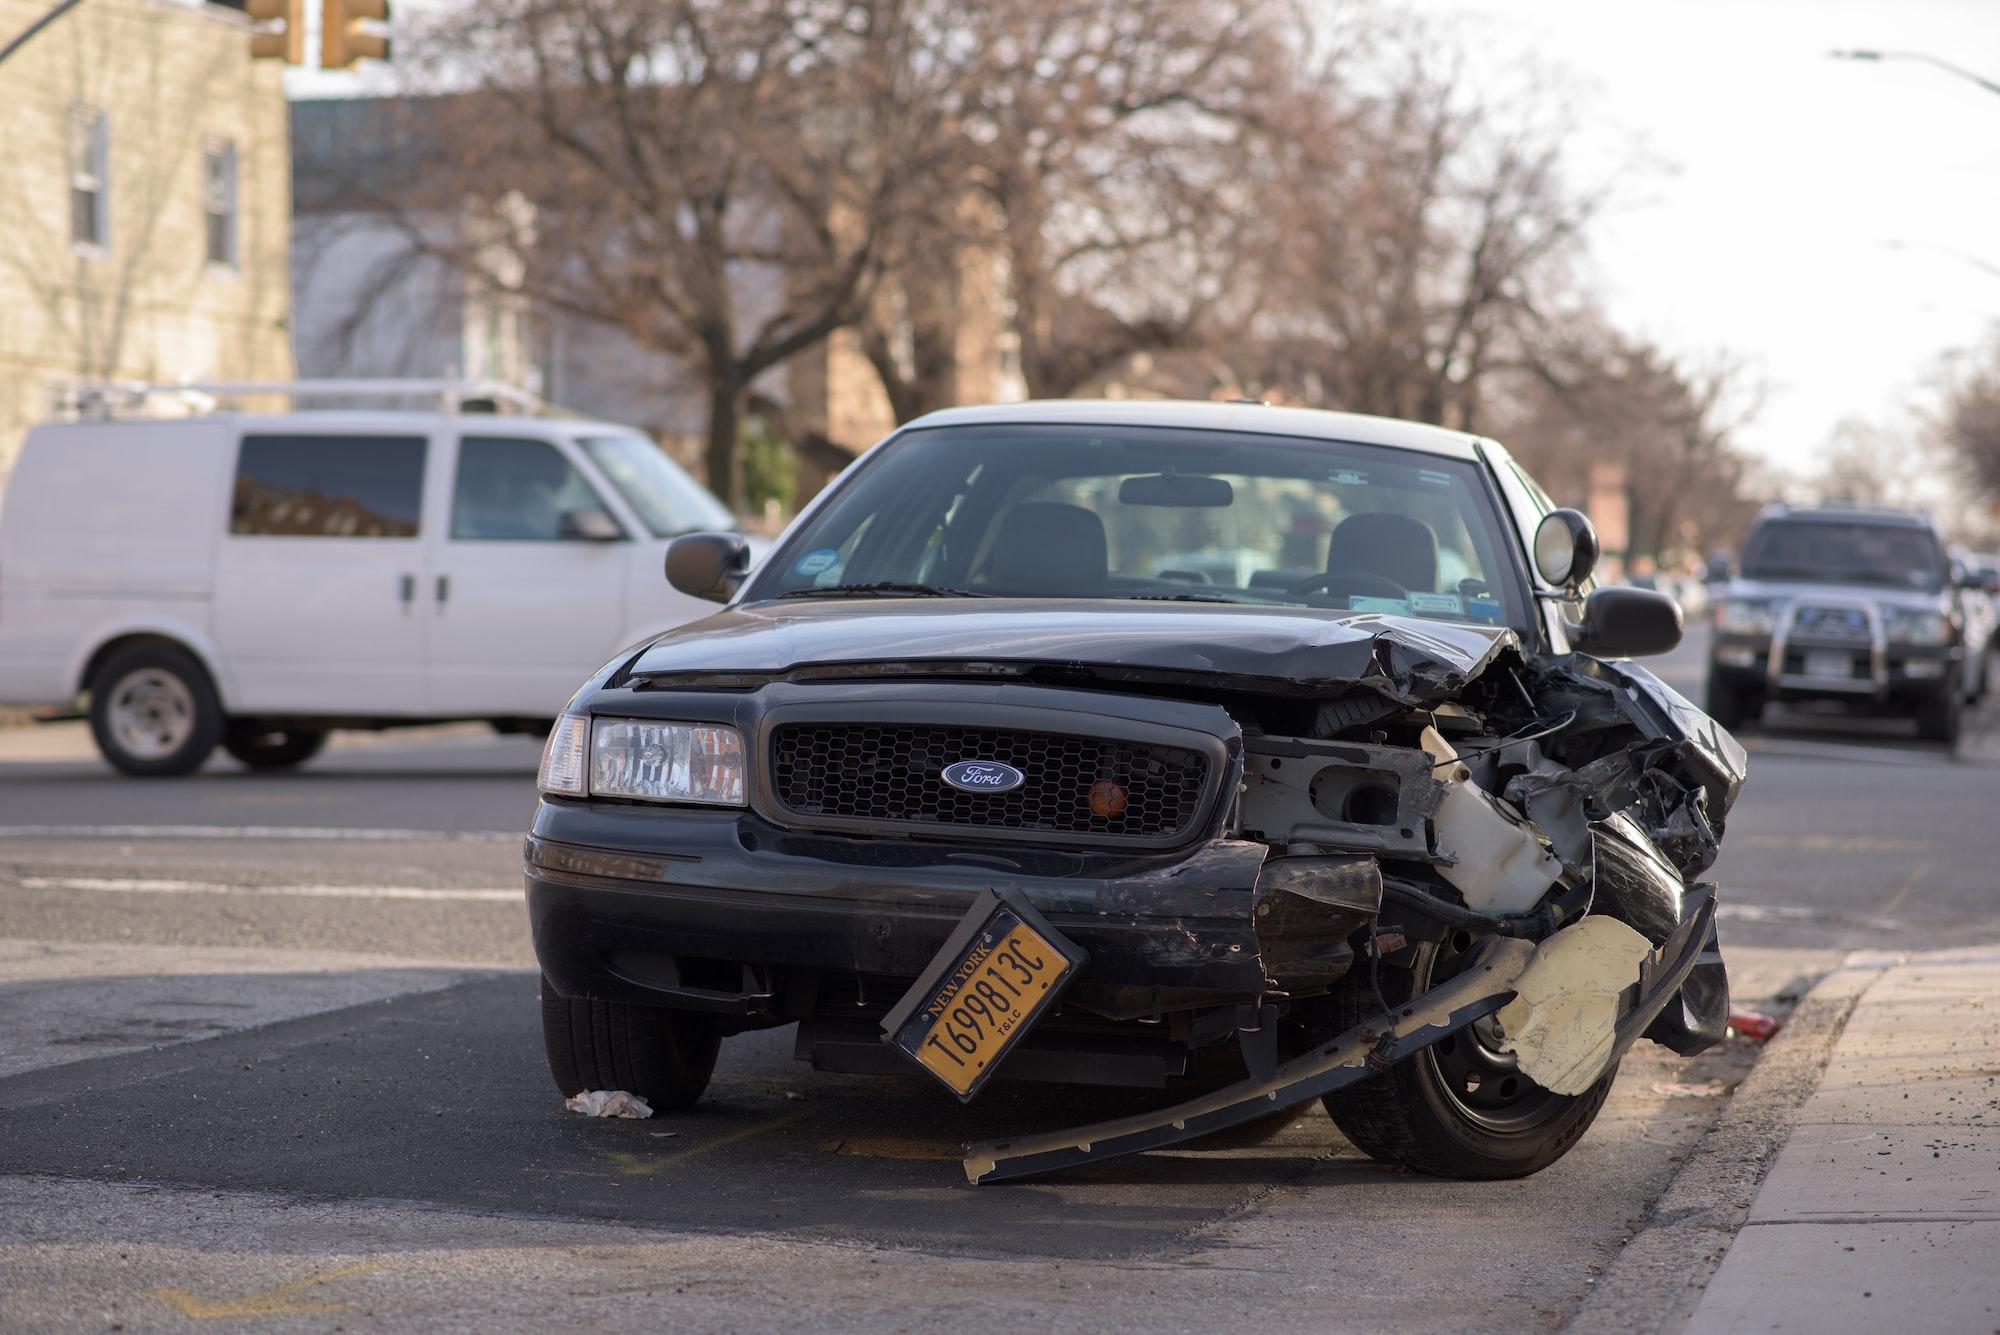 ¿Qué debo hacer si alguien choca o colisiona con mi carro estacionado?